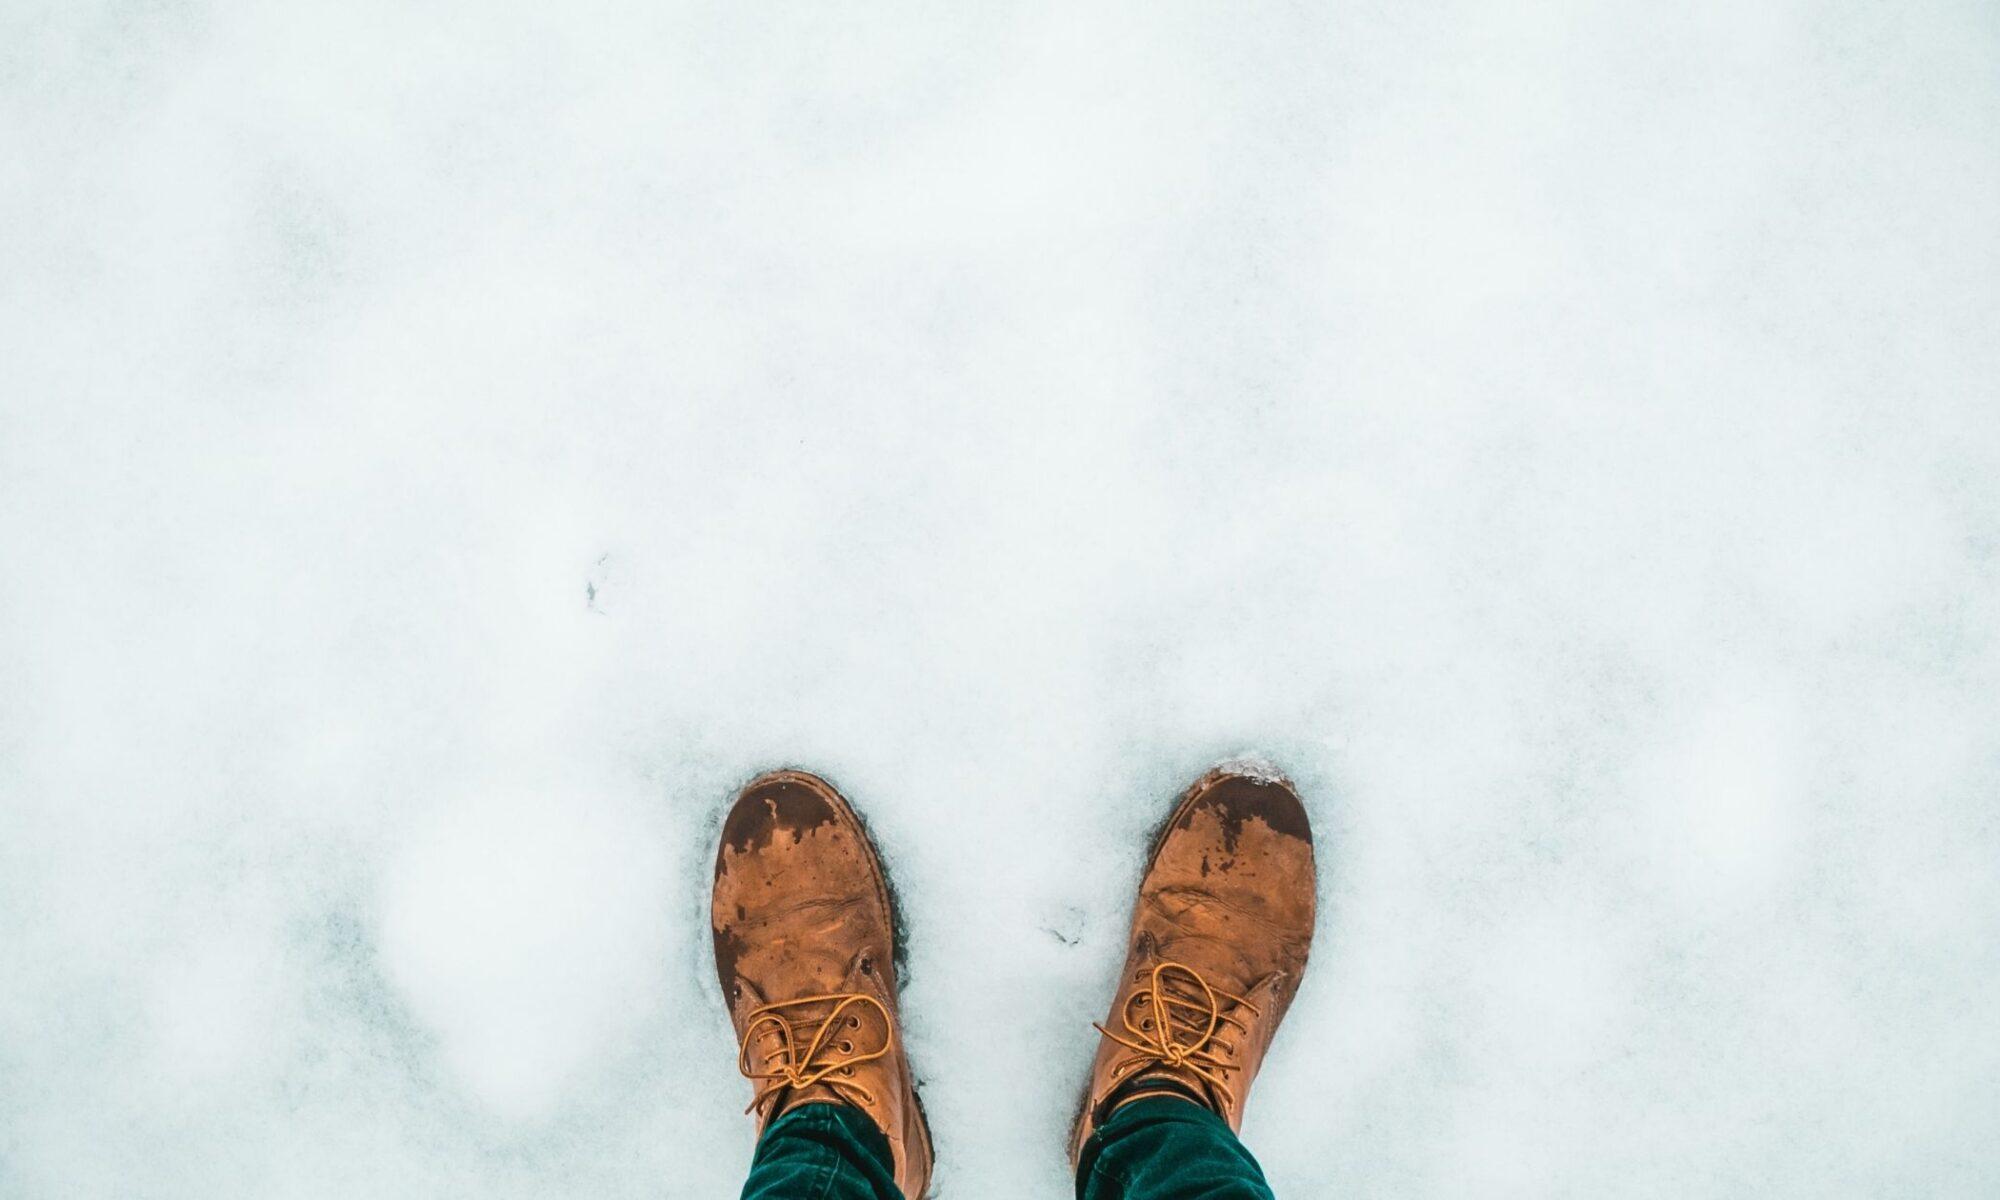 Pies fríos por la nieve